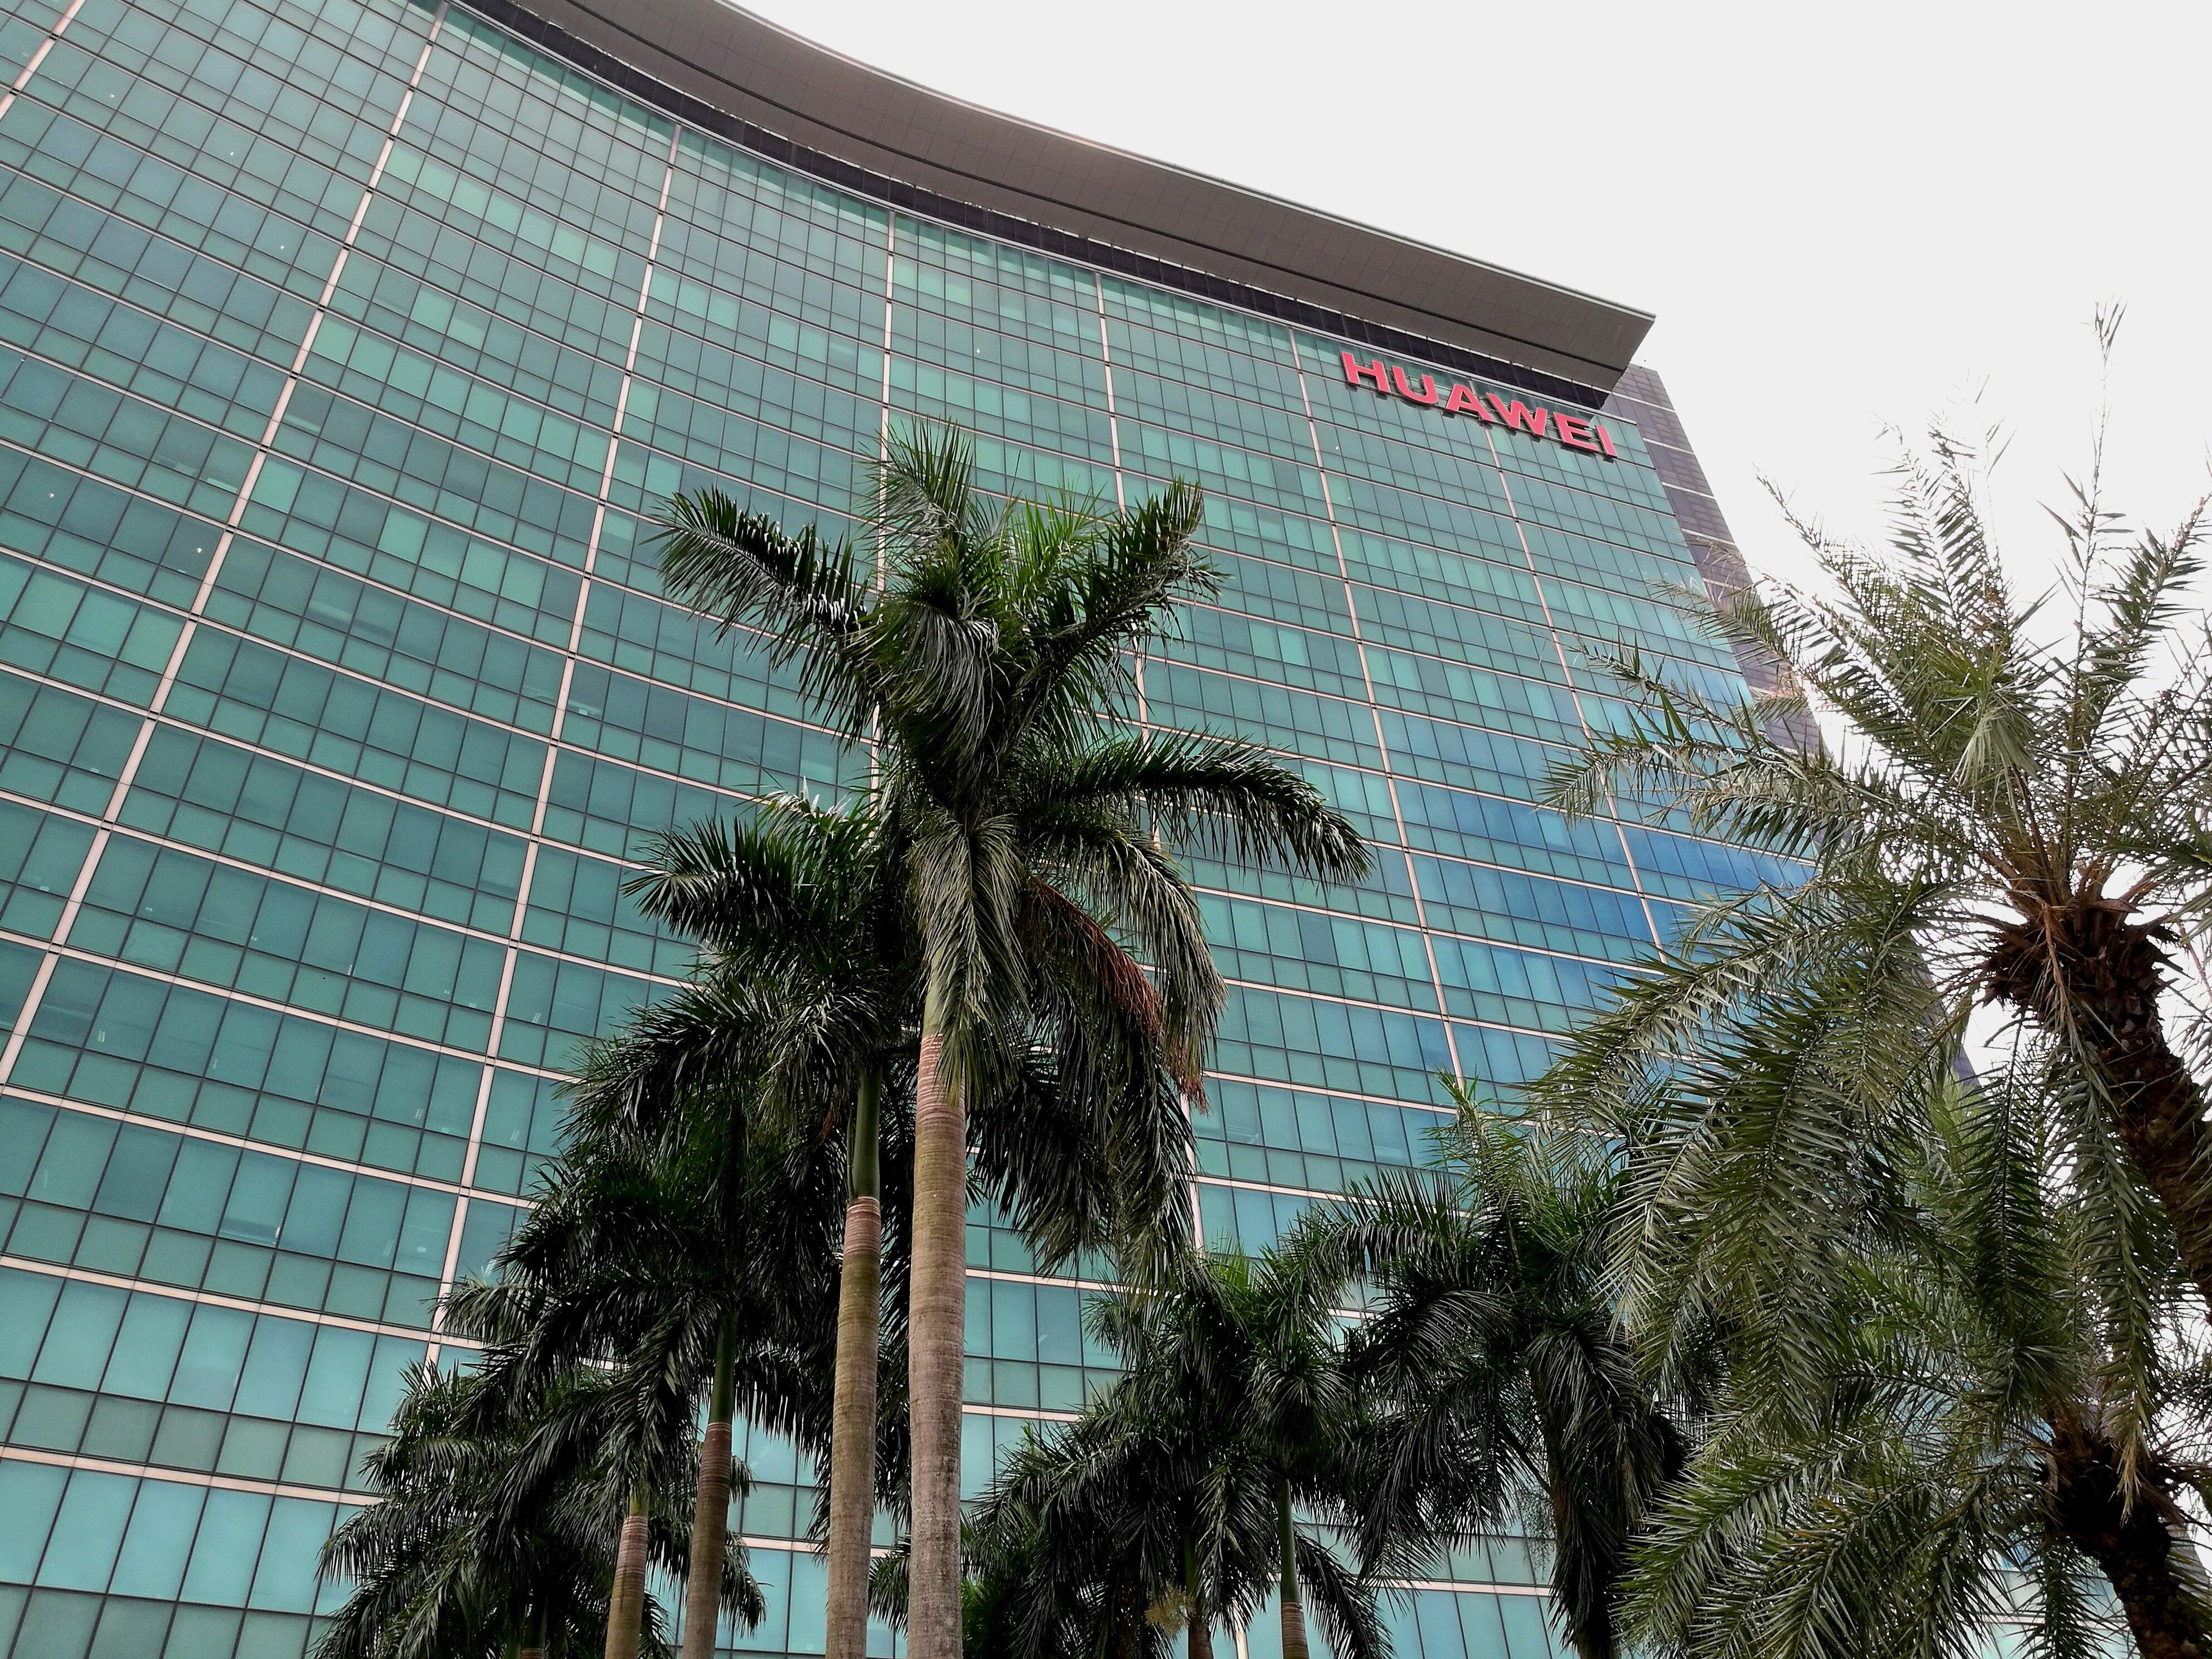 Huawei compite dopado en el mercado internacional: el régimen comunista chino le inyectó 75.000 millones de dólares